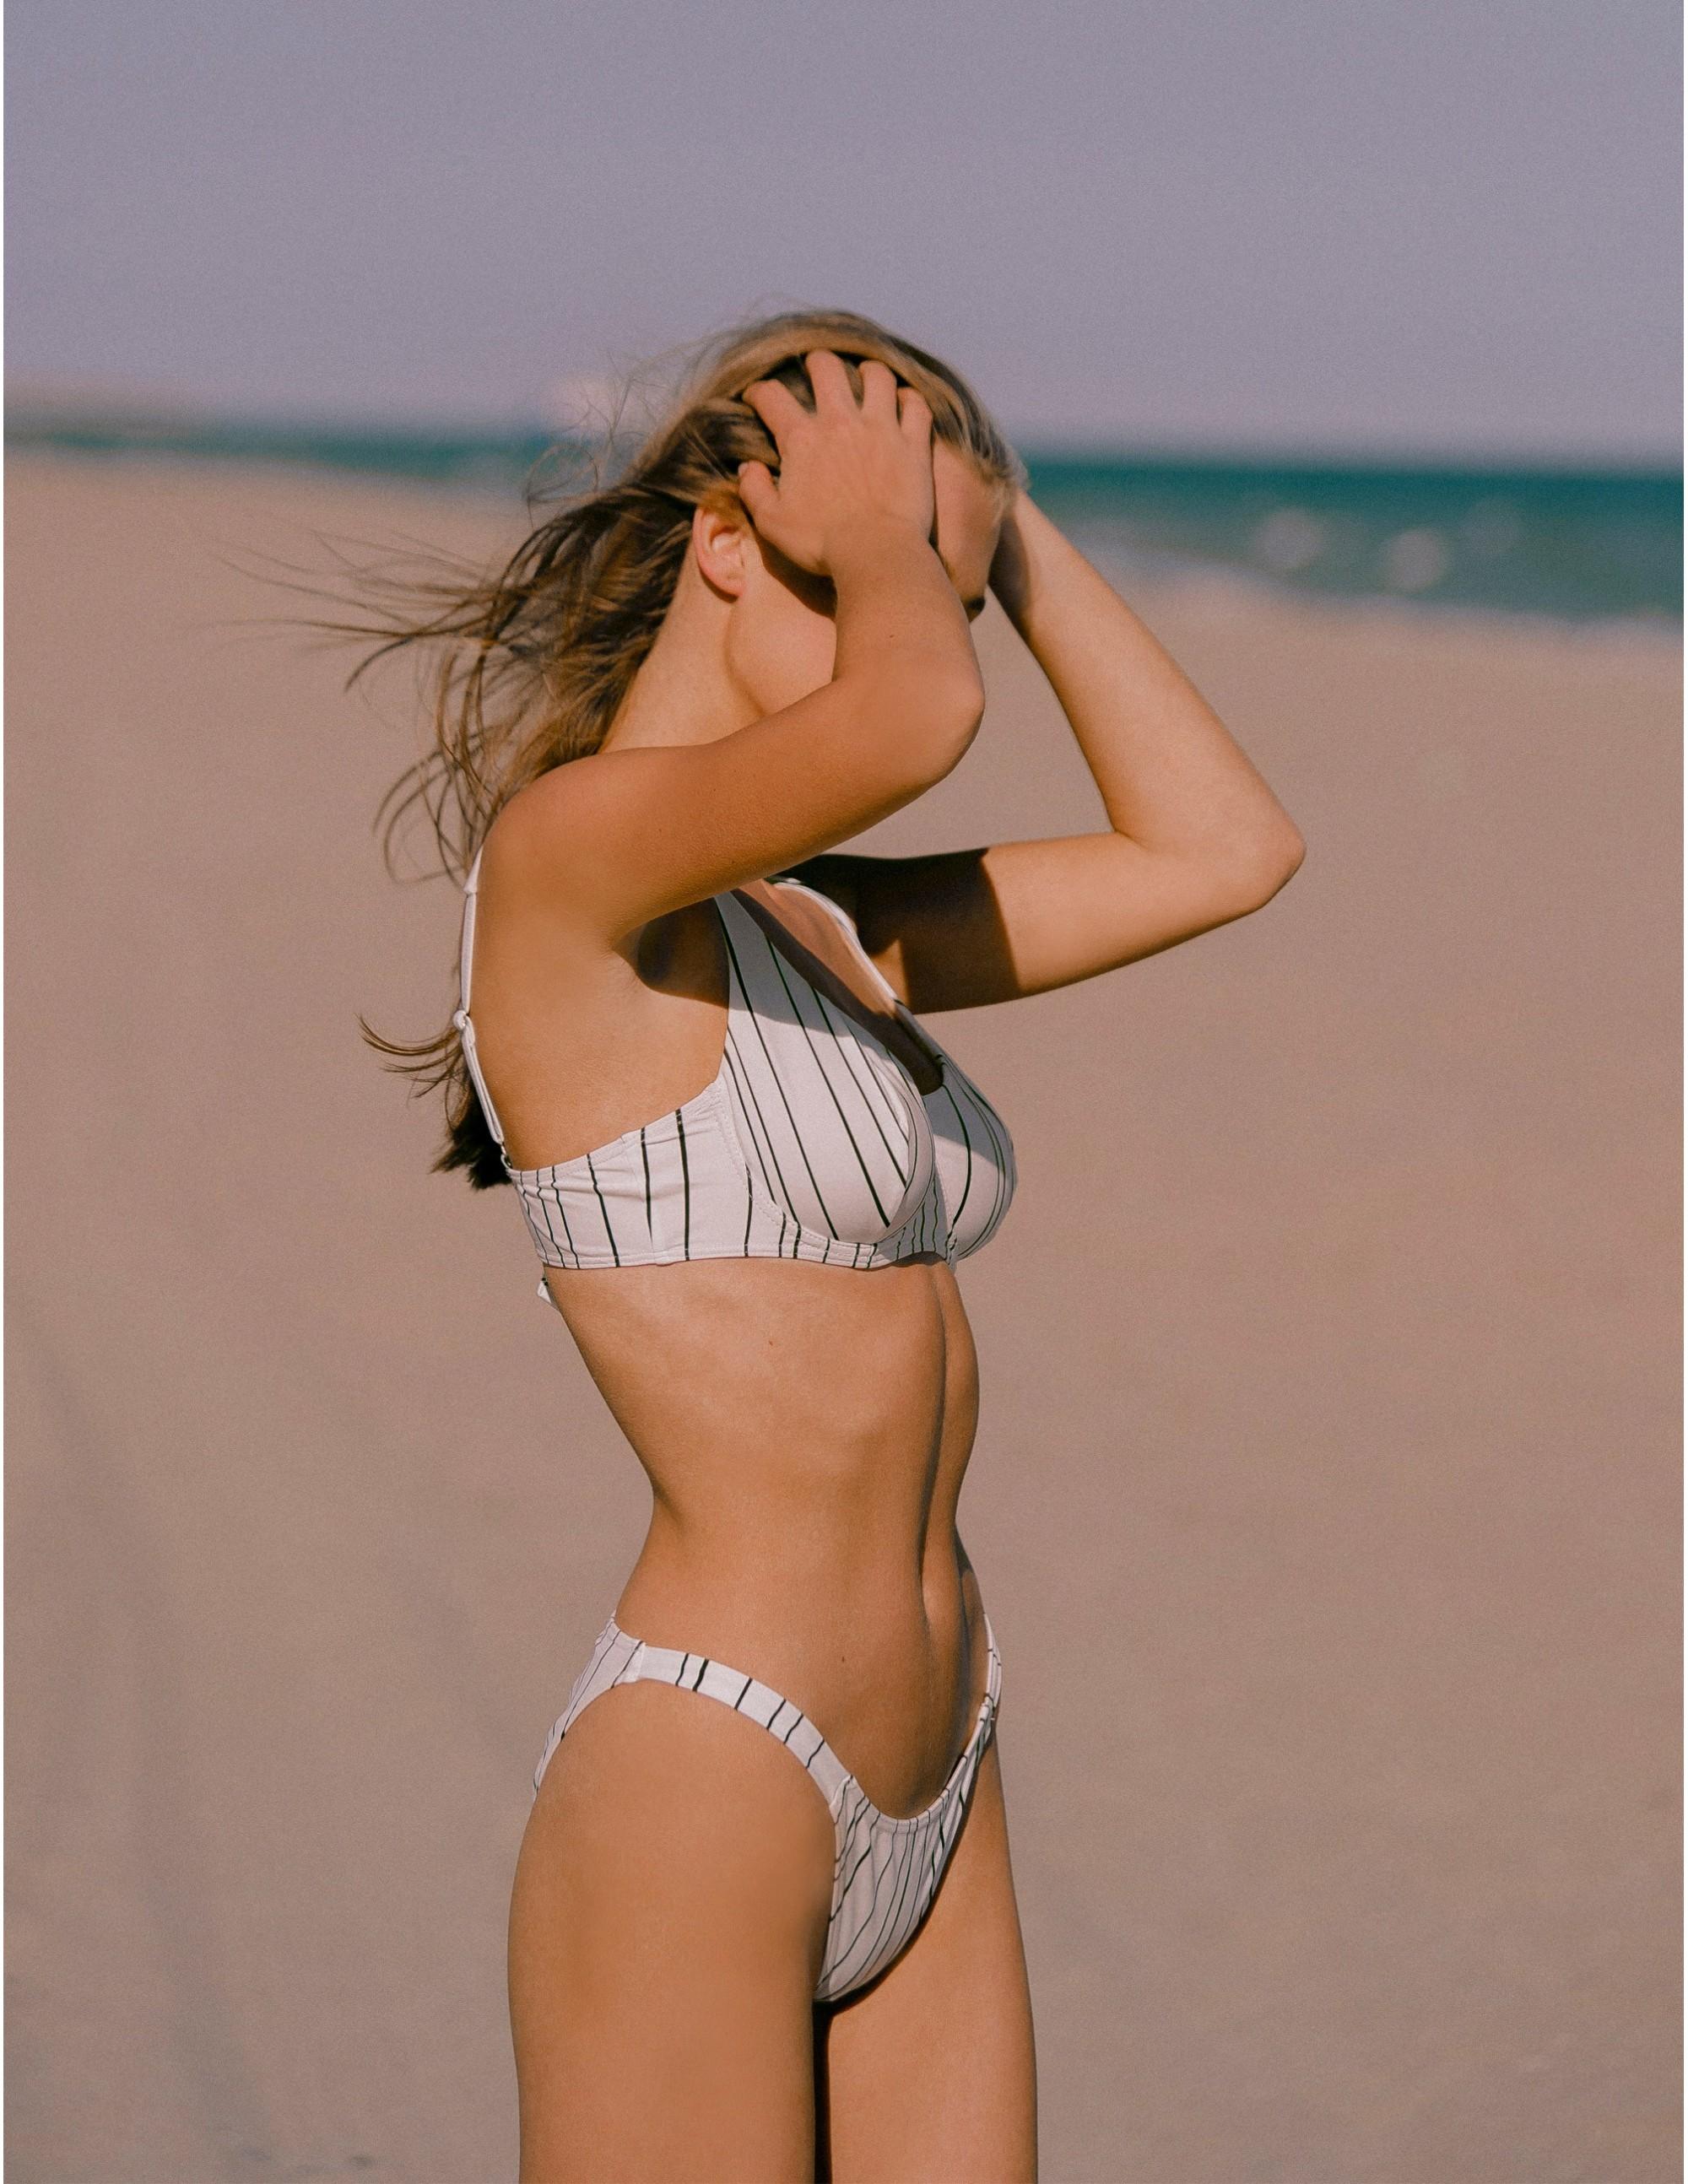 KIGO bikini top - LIMITLESS